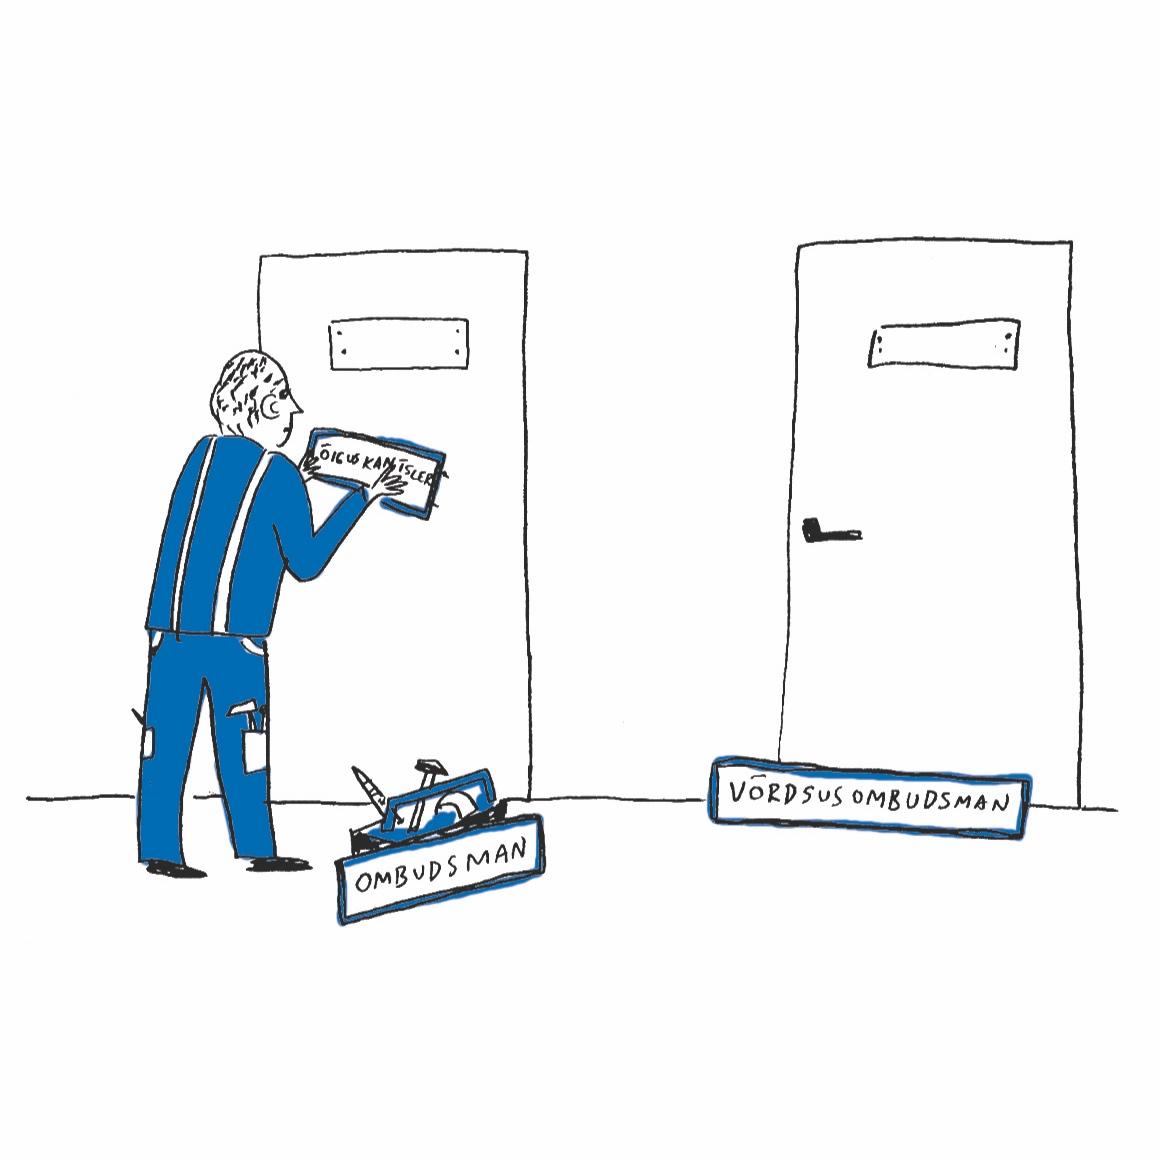 16.12   (illustratsioon: AW Stuff)   Kujundada õiguskantsleri ametkond ümber klassikaliseks ombudsmani ametkonnaks ja teha selle muudatuse elluviimiseks vajalikud muudatused Põhiseaduses ja õiguskantsleri seaduses.  Tänases õiguslikus olustikus puudub vajadus abstraktseks normikontrolliks, mida teostab õiguskantsleri ametkond. Kõige olulisemate õigusaktide puhul peab seda tegema president.